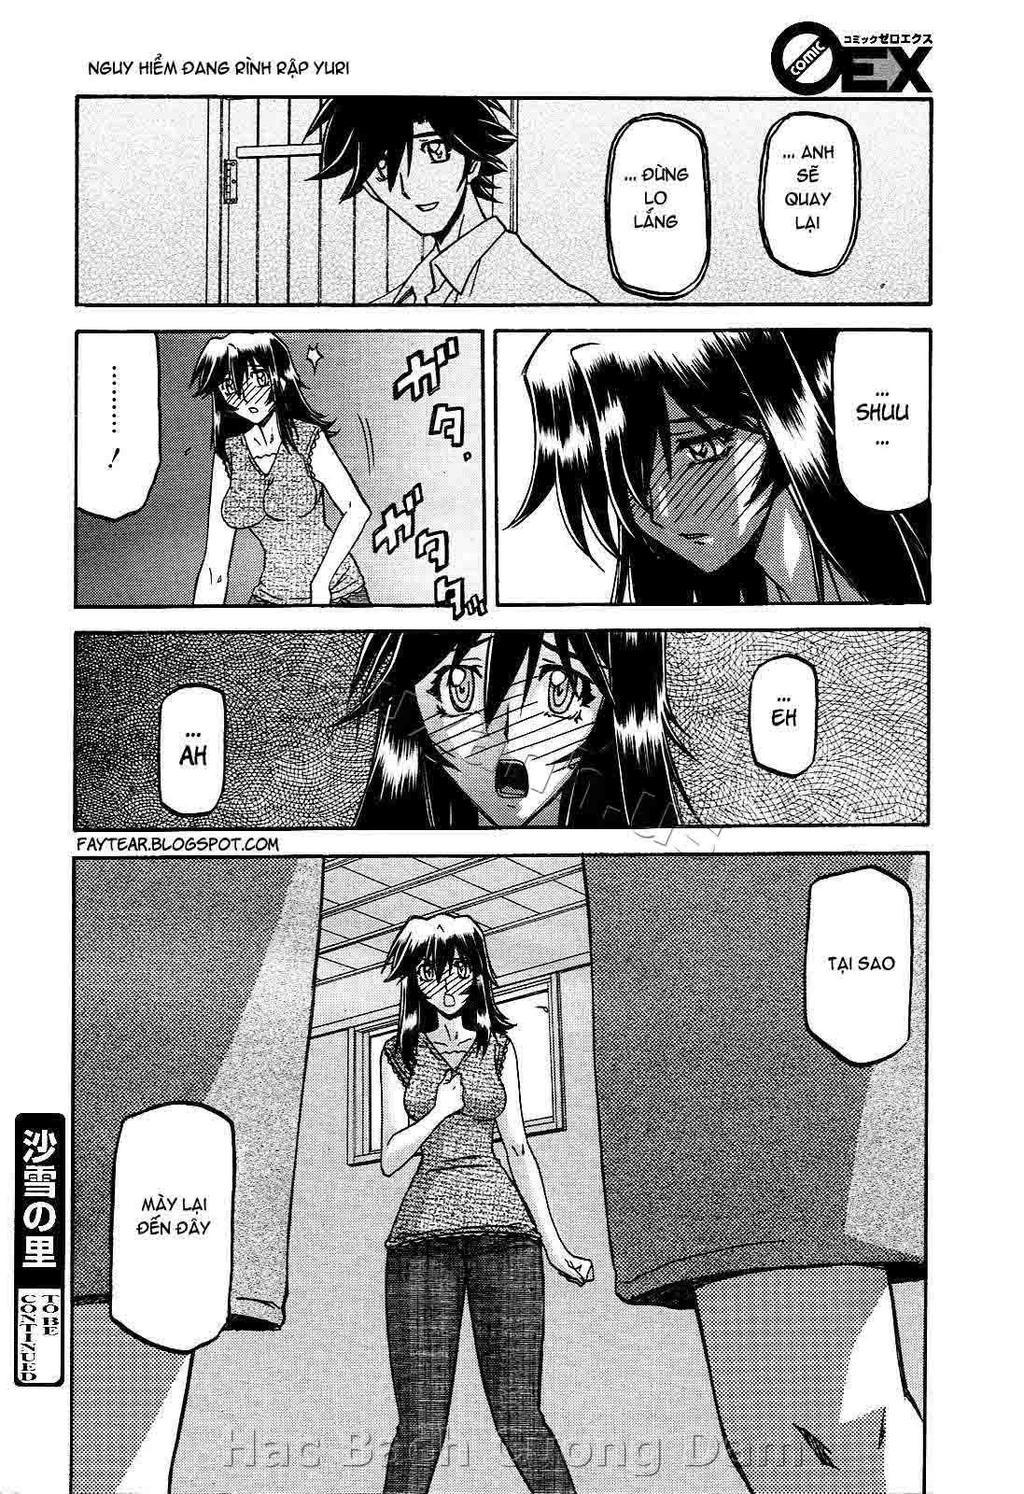 Hình ảnh hentailxers.blogspot.com0127 trong bài viết Manga H Sayuki no Sato